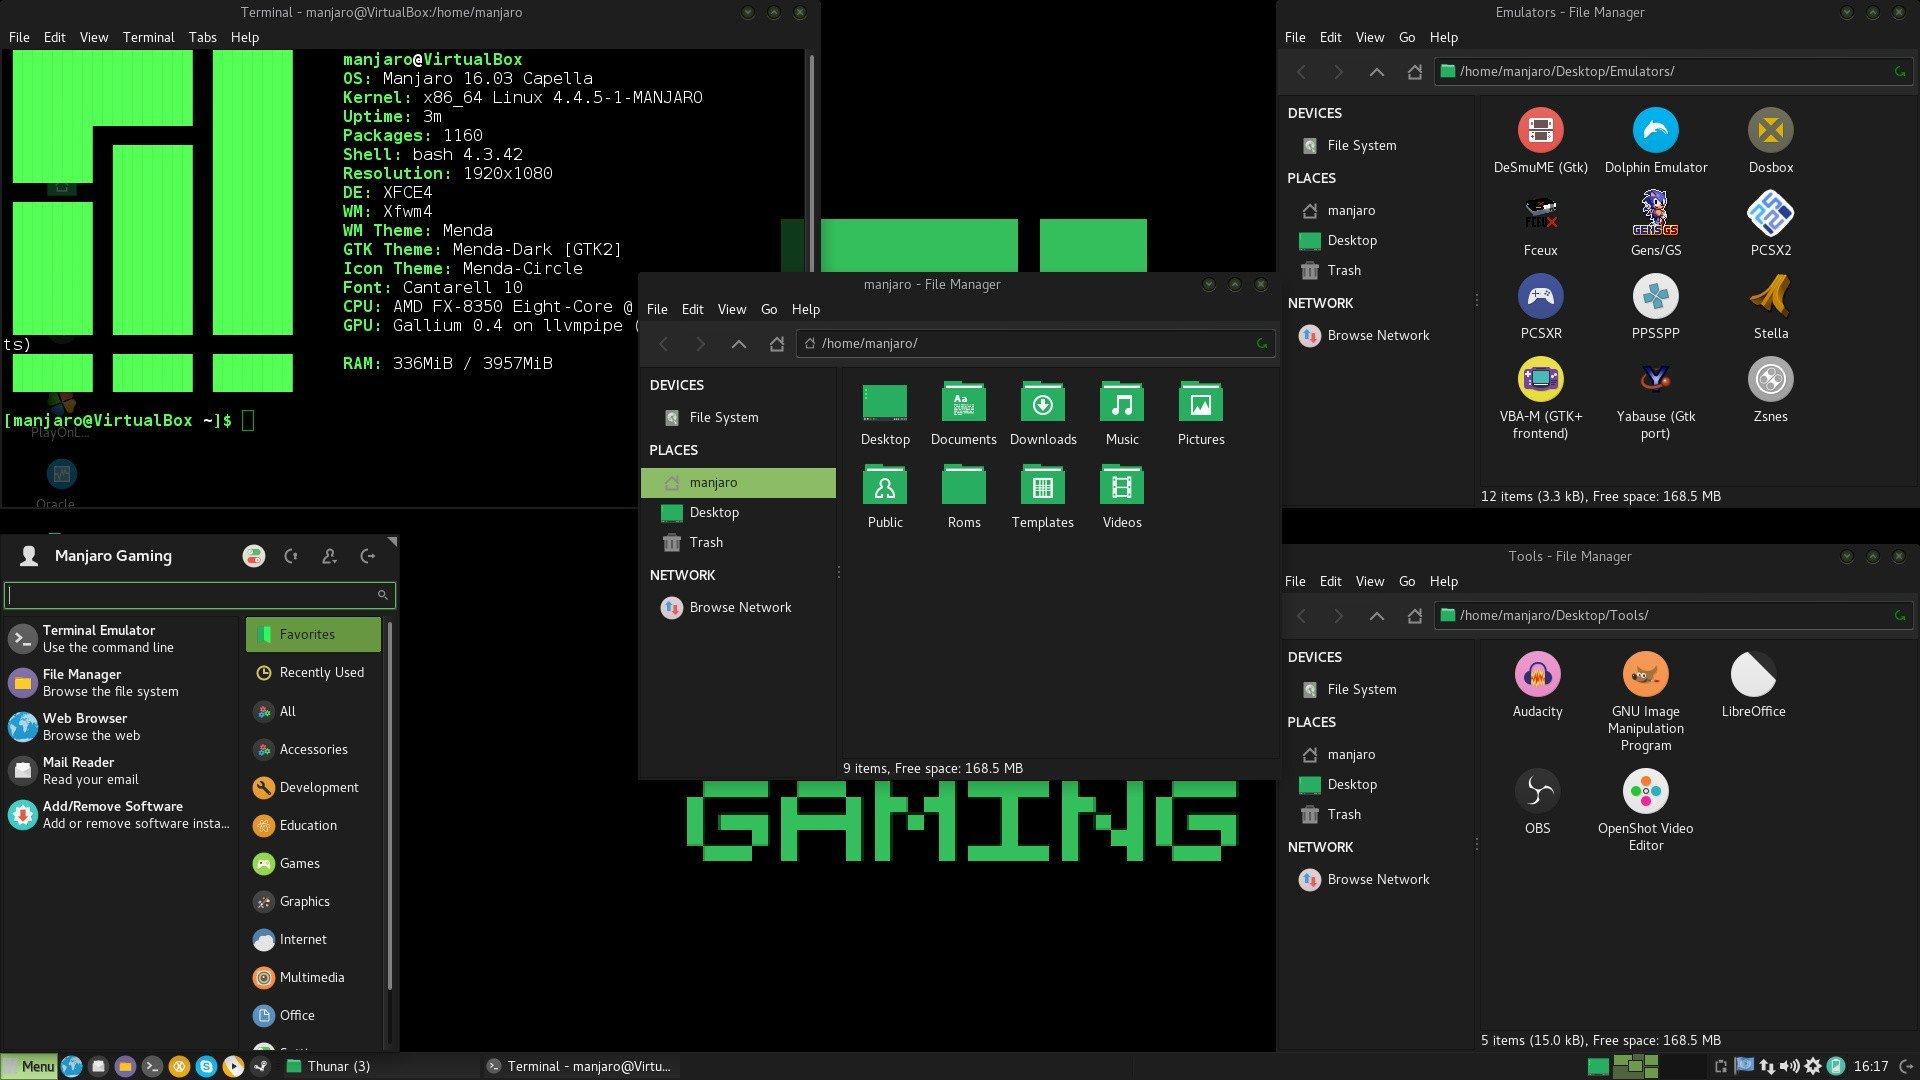 manjaro linux gaming 16.06